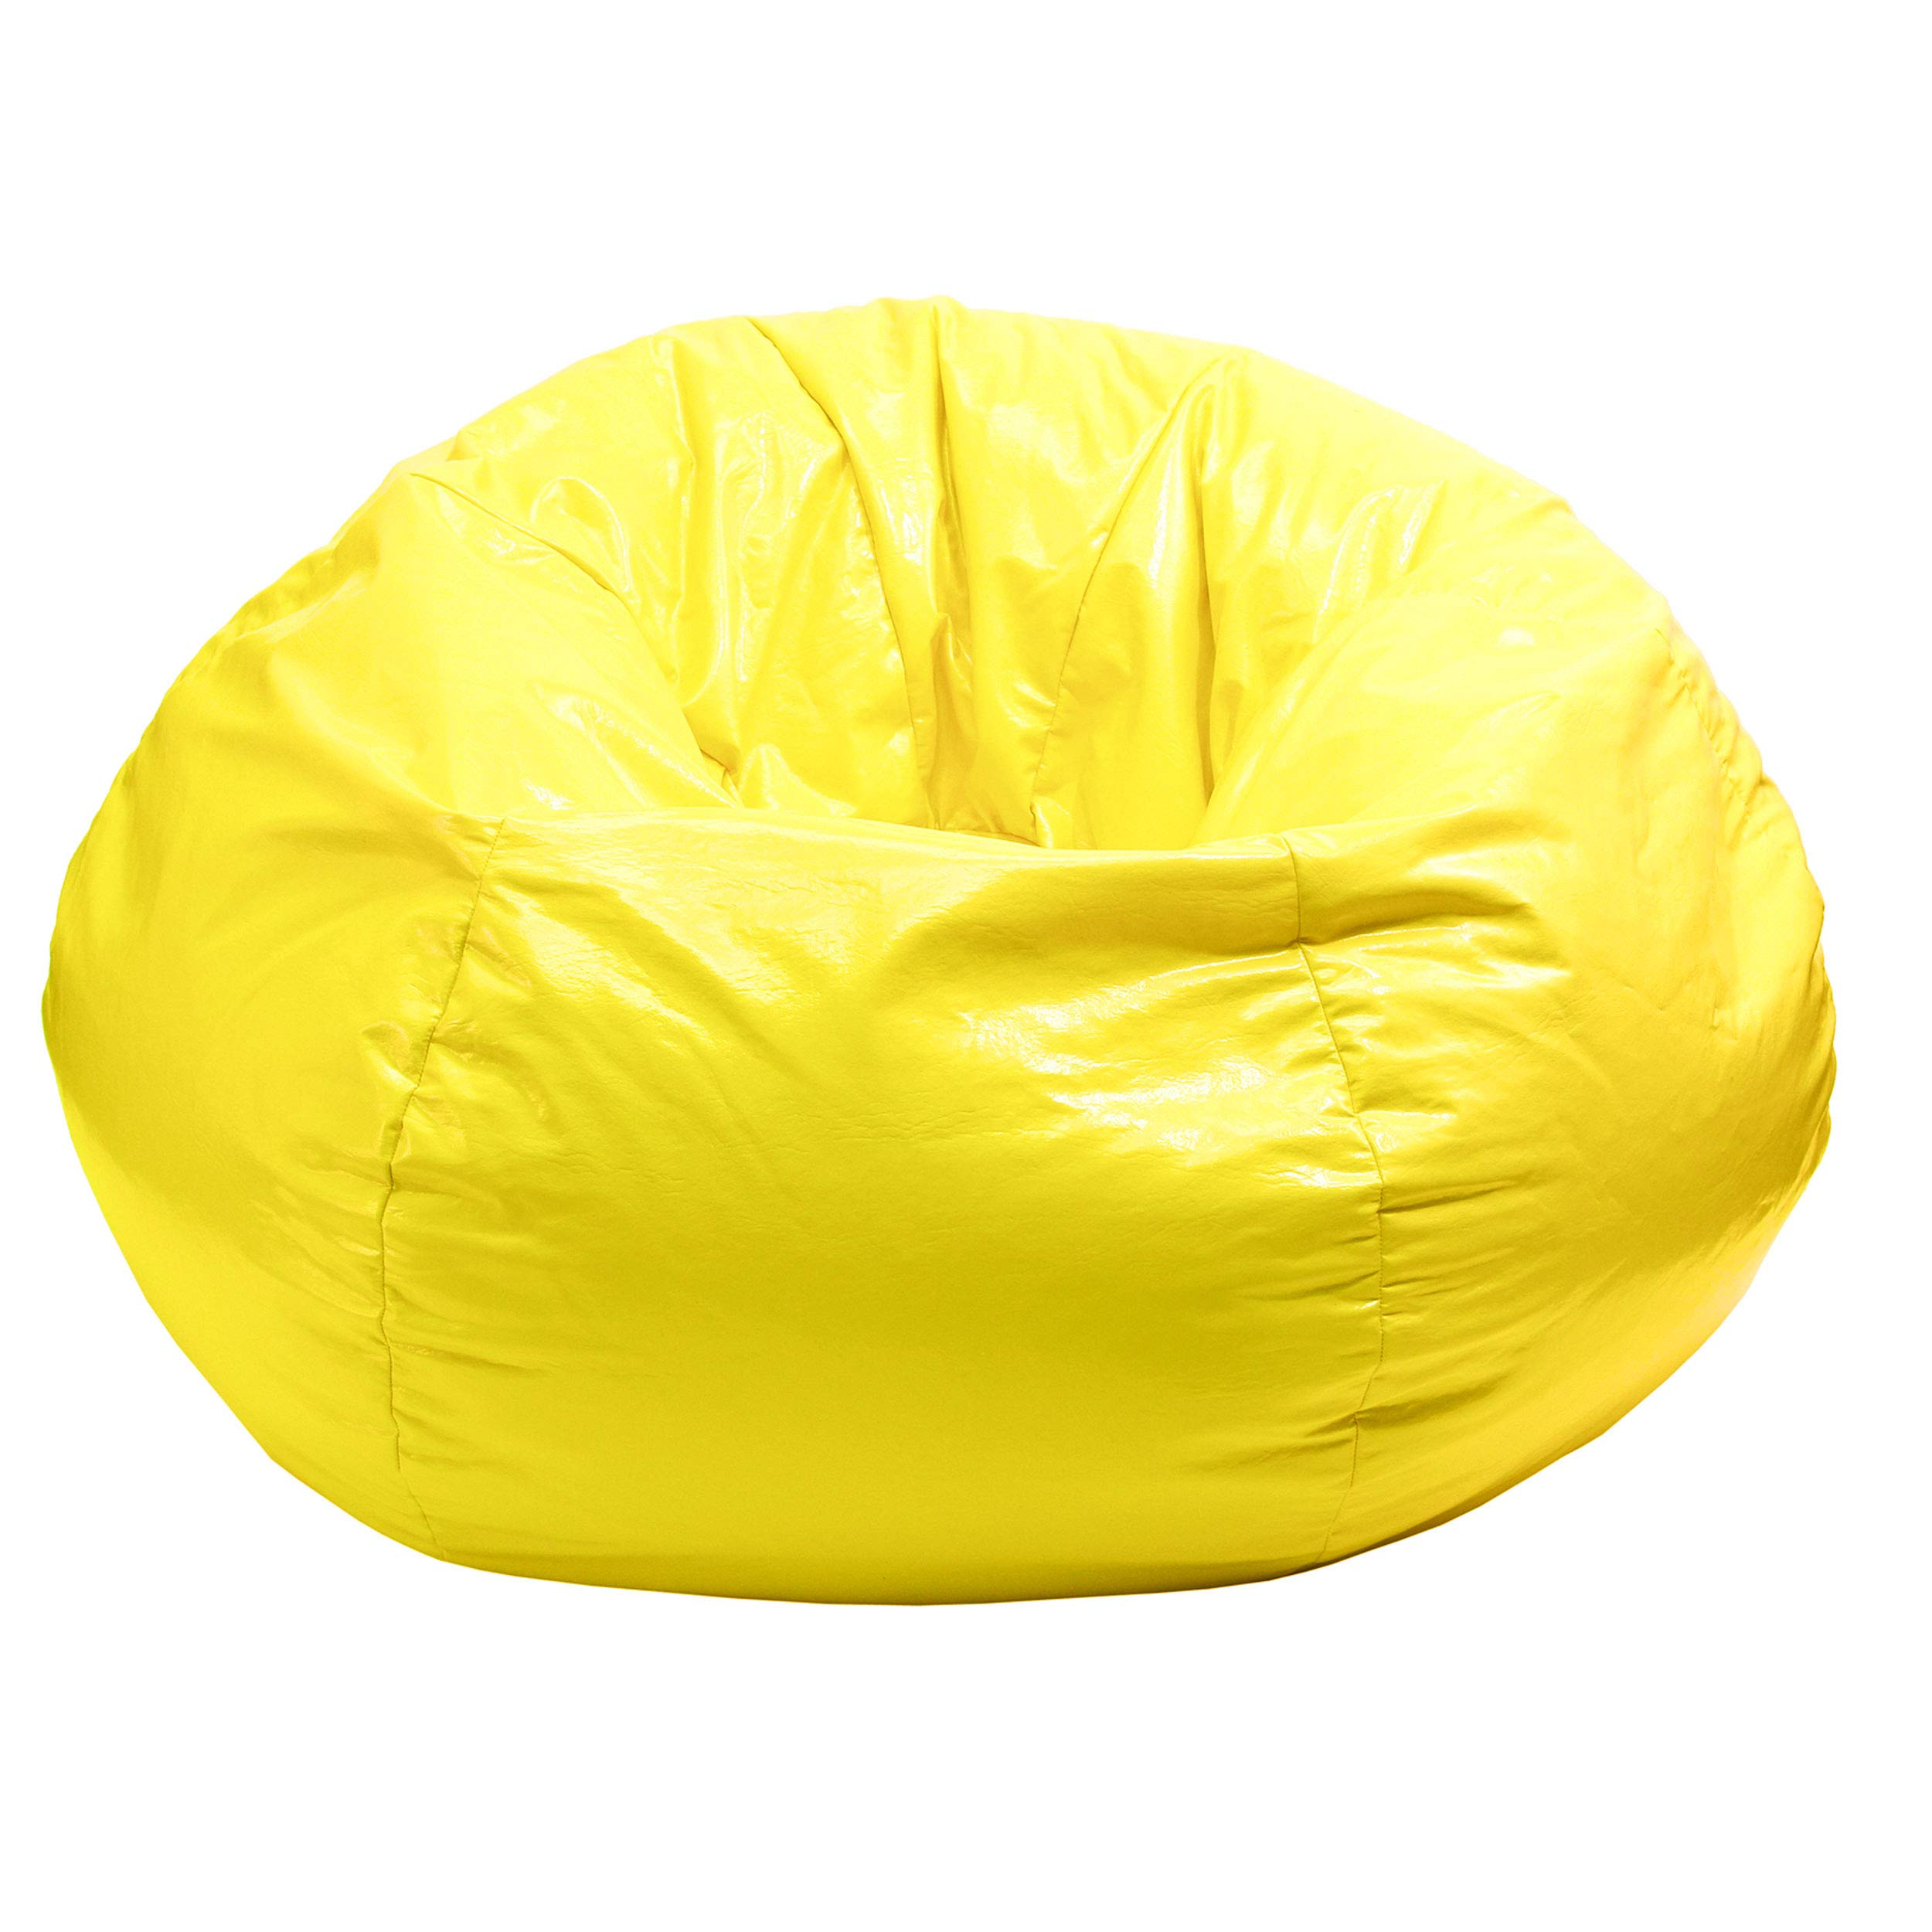 Gold Medal Bean Bags Gold Medal Glossy Vinyl Bean Bag, Small, Sunshine Yellow by Gold Medal Bean Bags